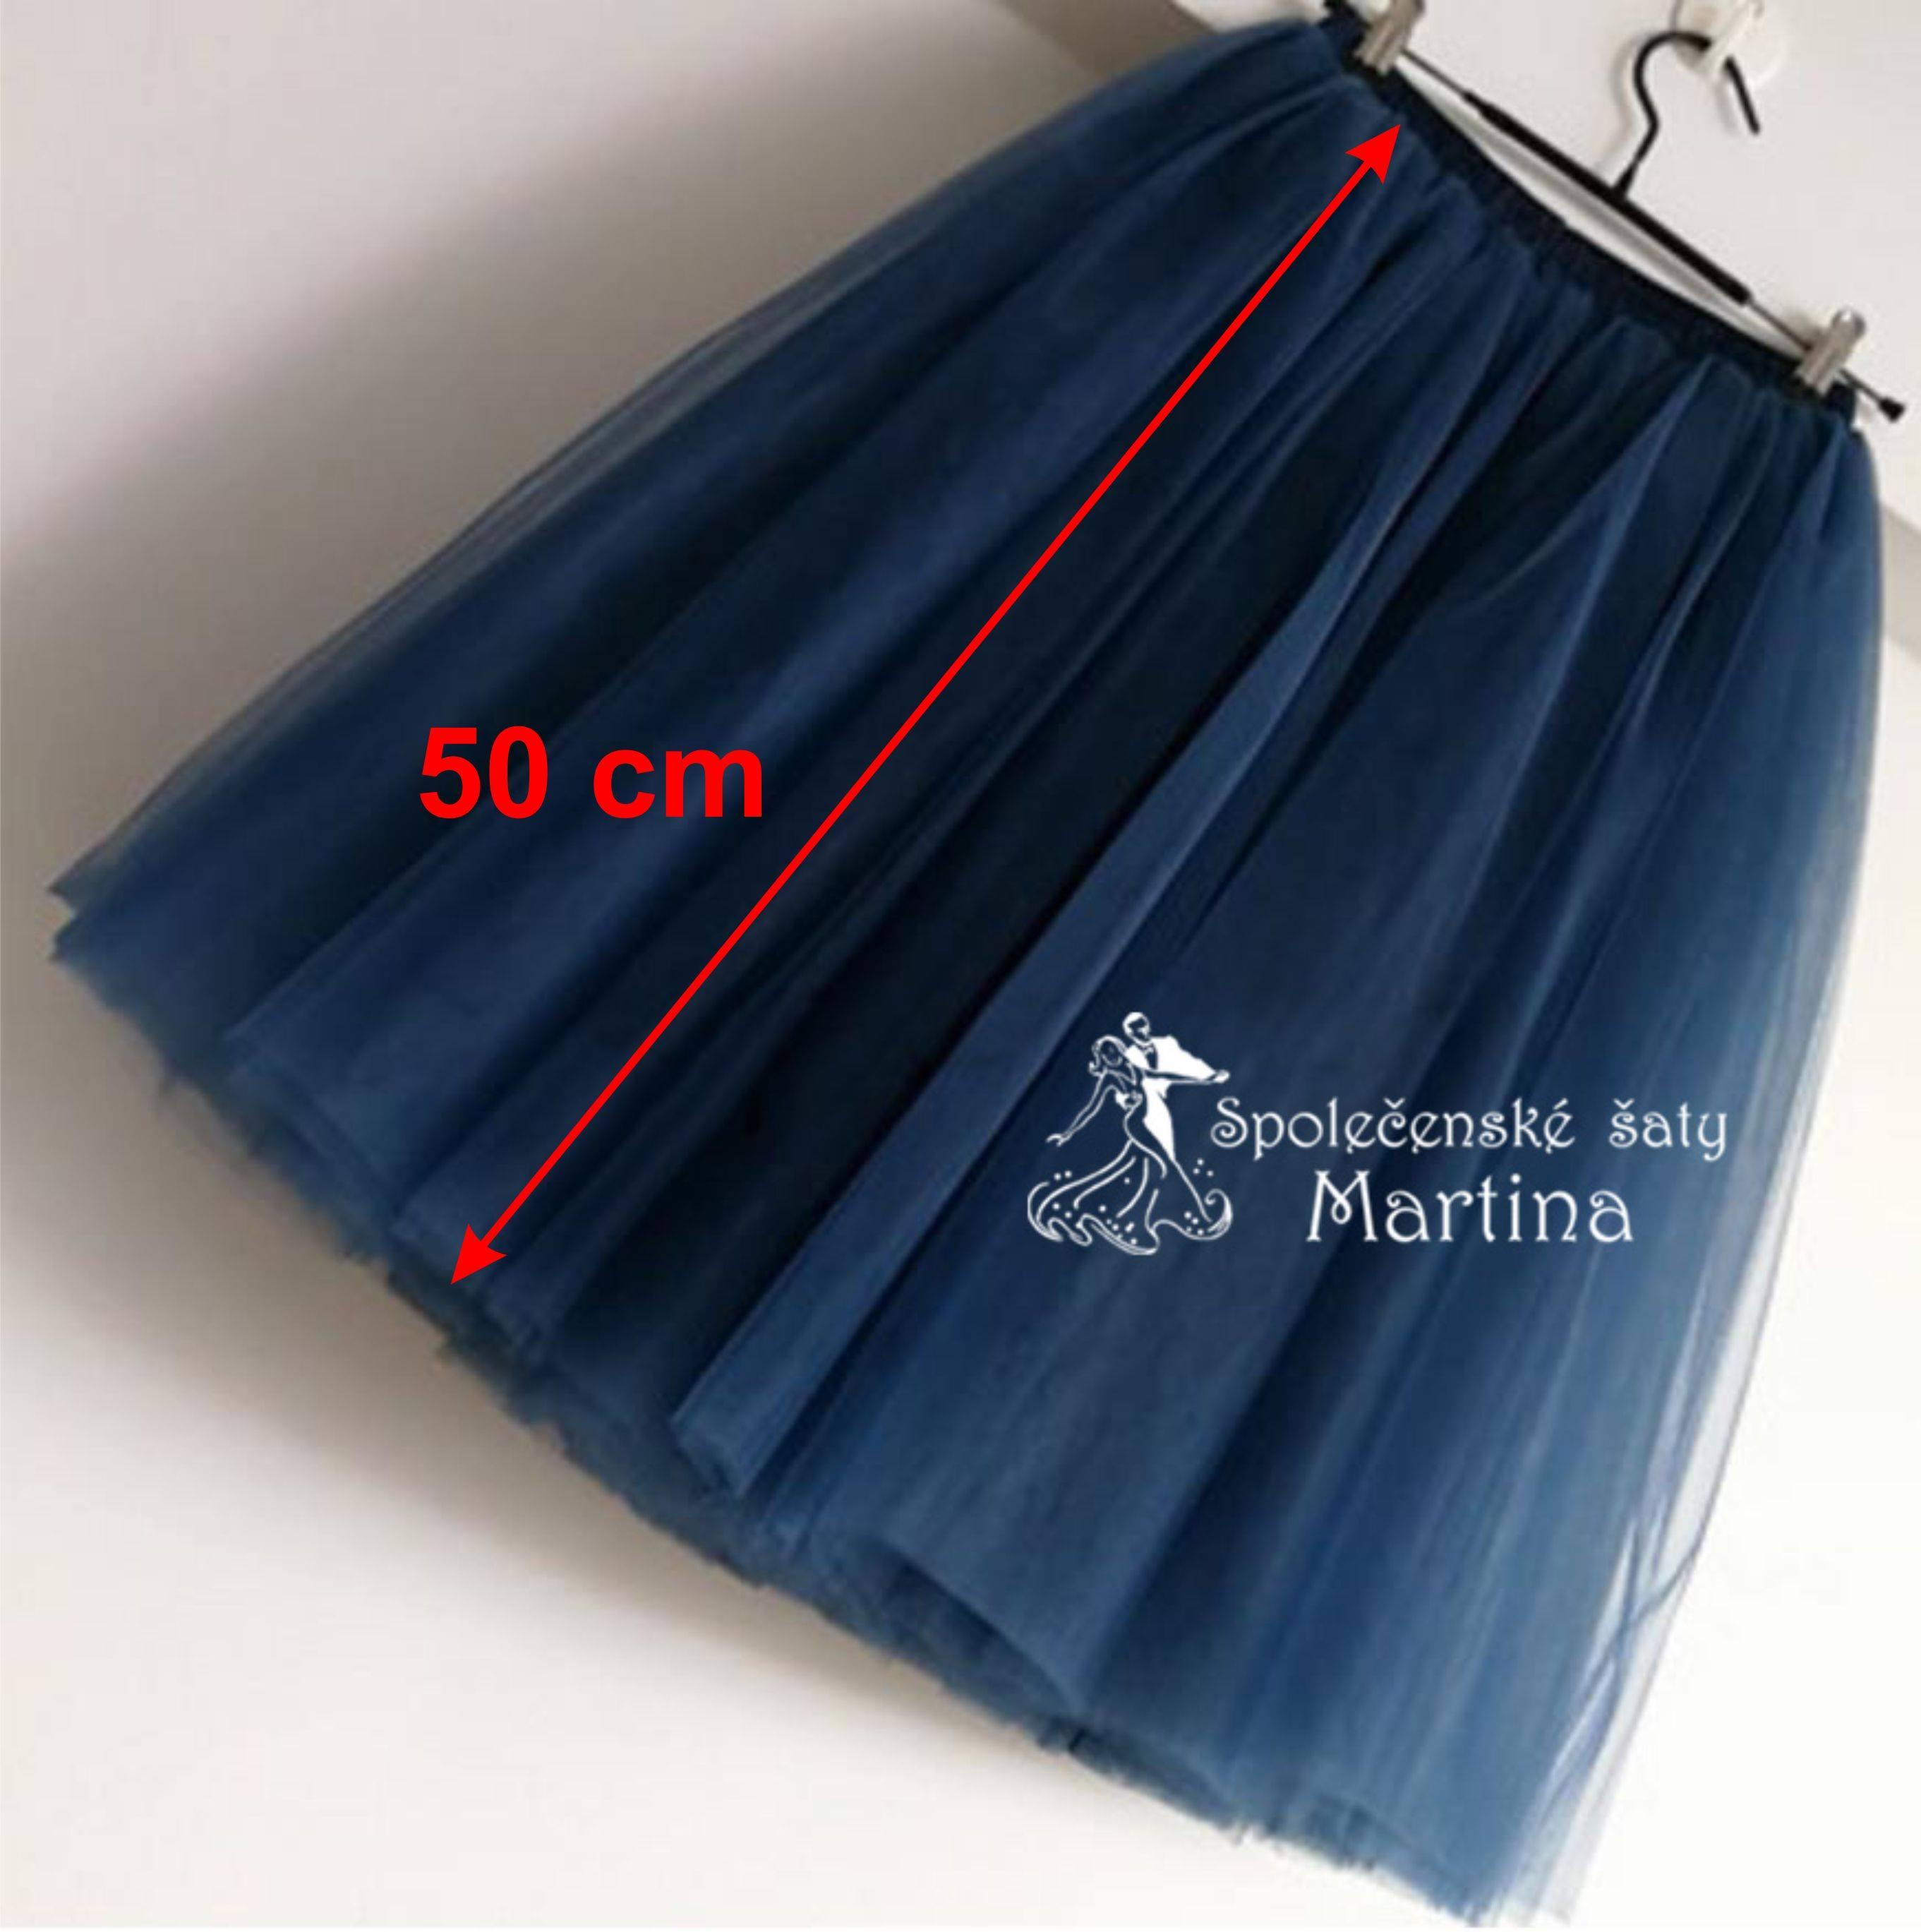 240641085fb9 7-vrstvá tylová sukně - 50 cm